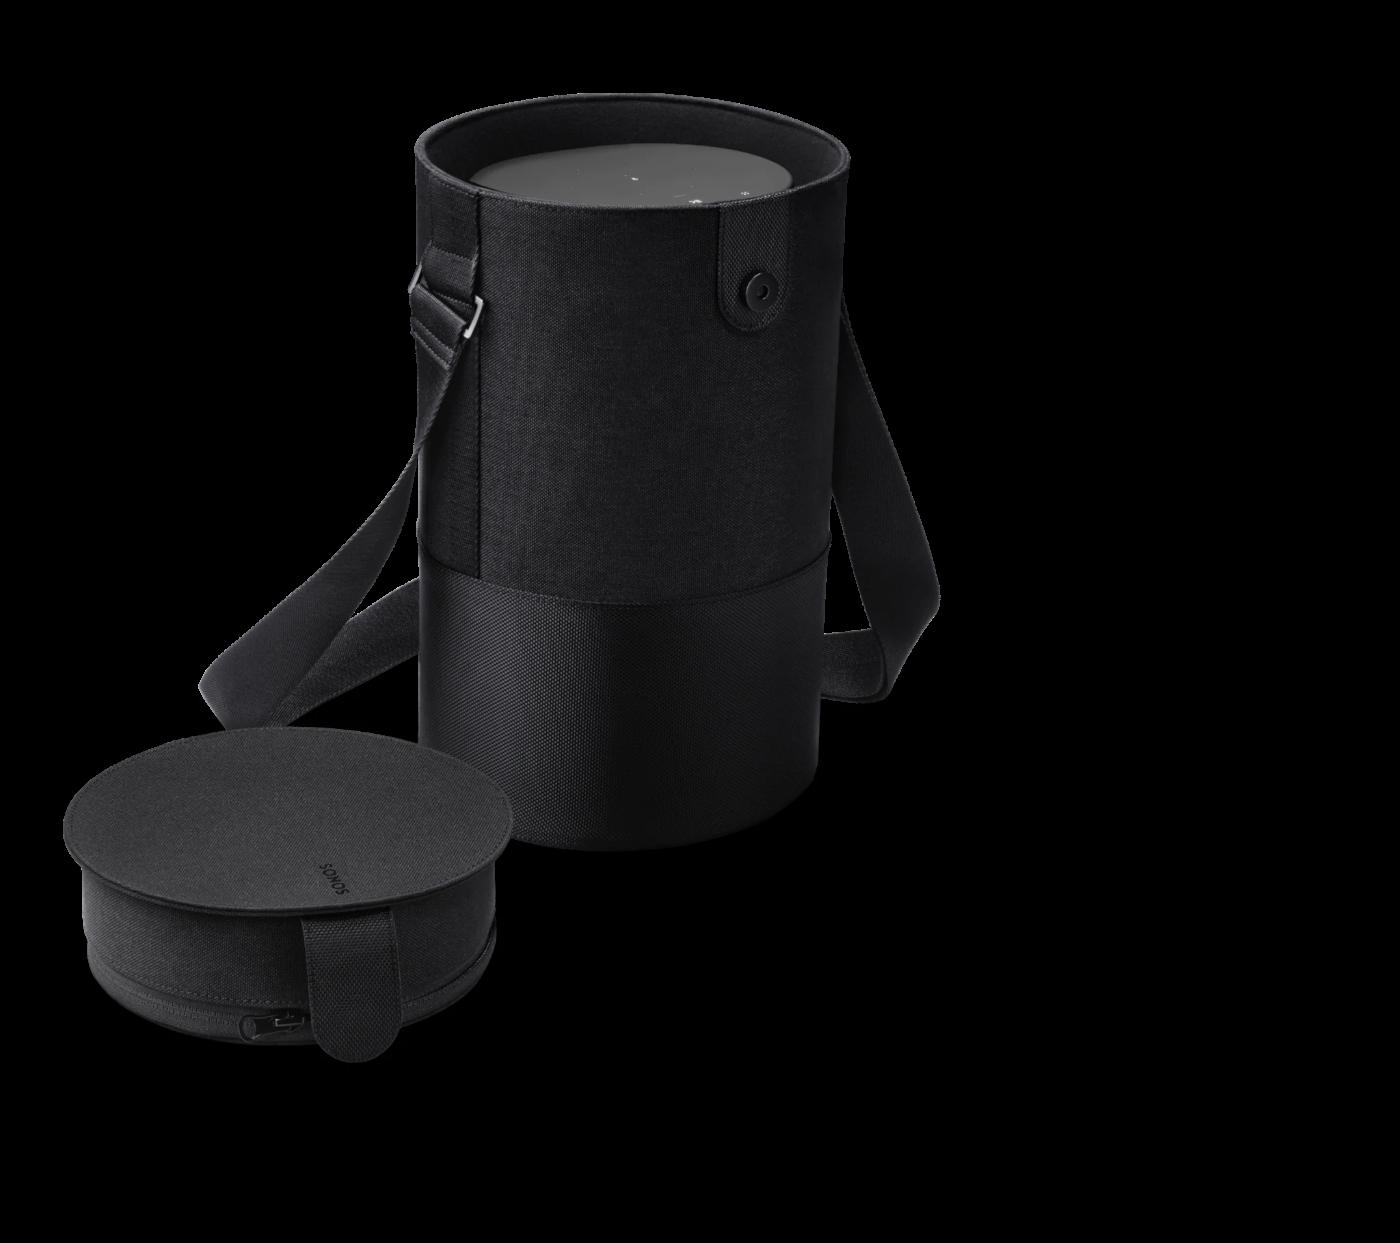 travel-bag-lid-off-black-shadow